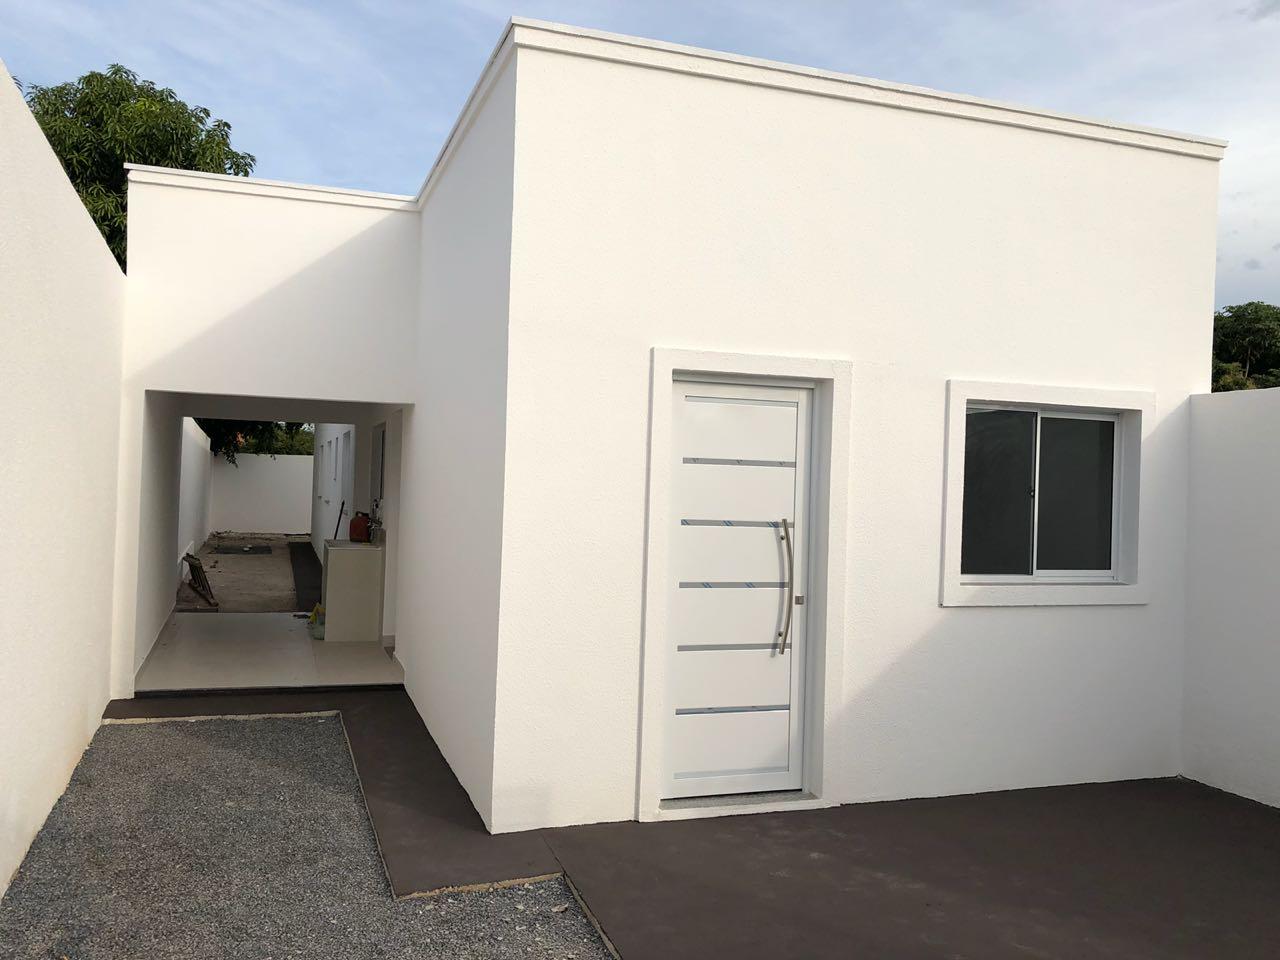 Casa à venda,  com 3 quartos sendo 1 suite no PARQUE JARDIM UNIVERSITARIO em Cuiabá MT 101 11737